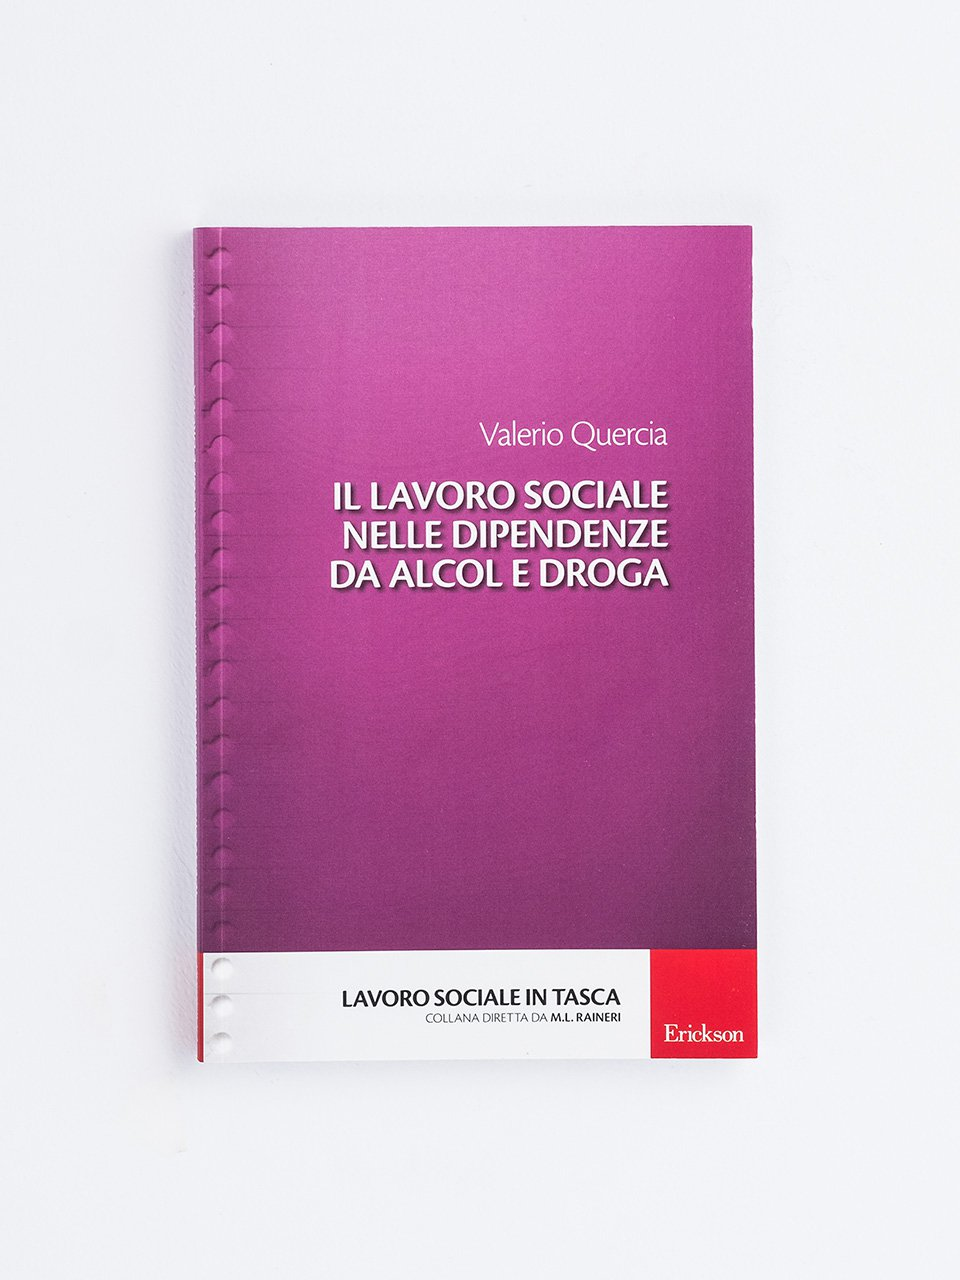 Il lavoro sociale nelle dipendenze da alcol e droga - Cosa funziona realmente nella didattica speciale e - Libri - Erickson